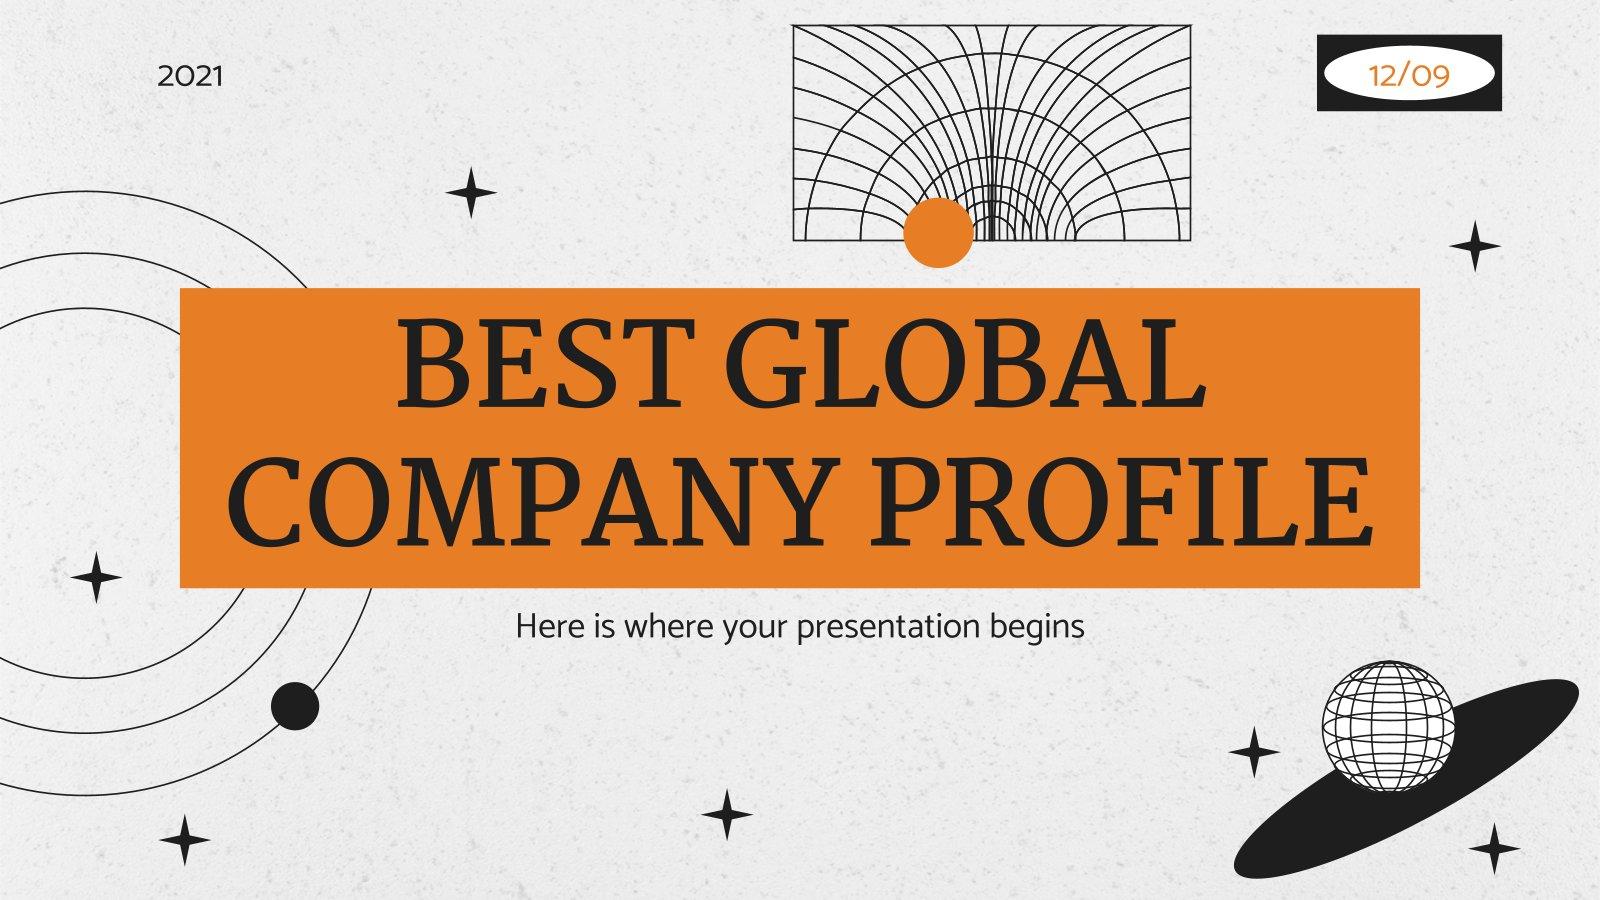 Modelo de apresentação Perfil da melhor empresa global